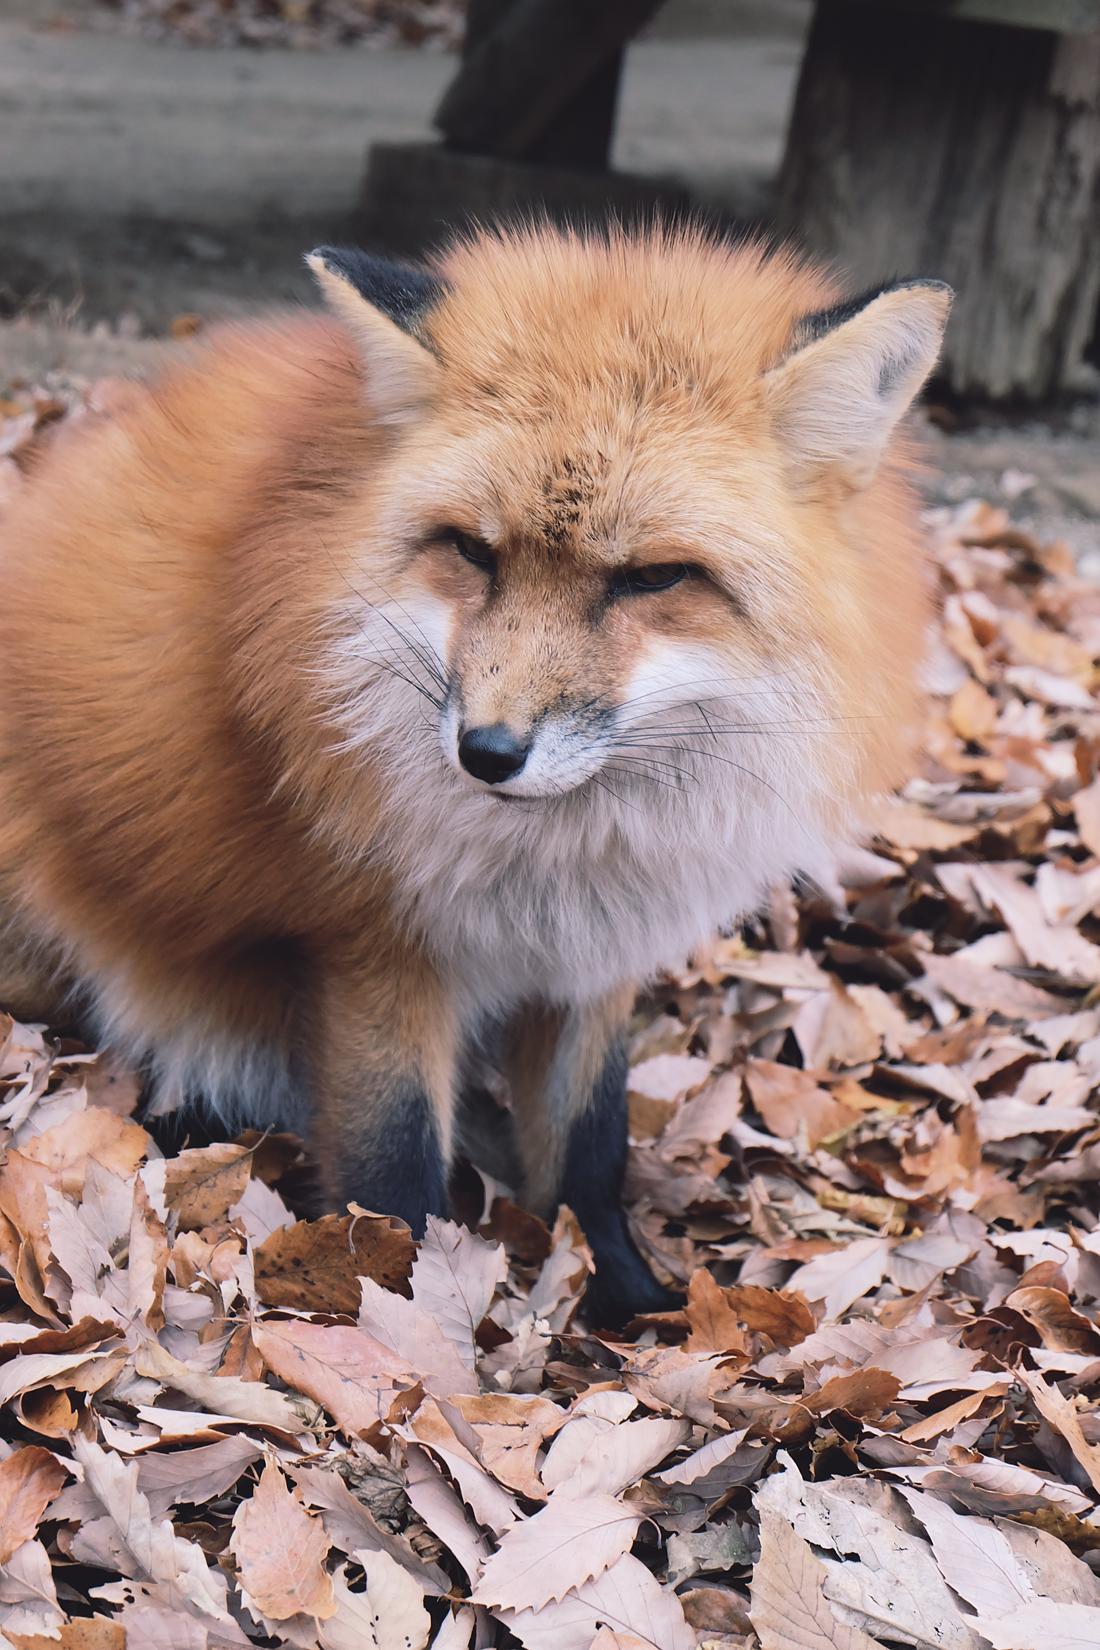 miyagi-zao-fox-village-rainbowholic-51